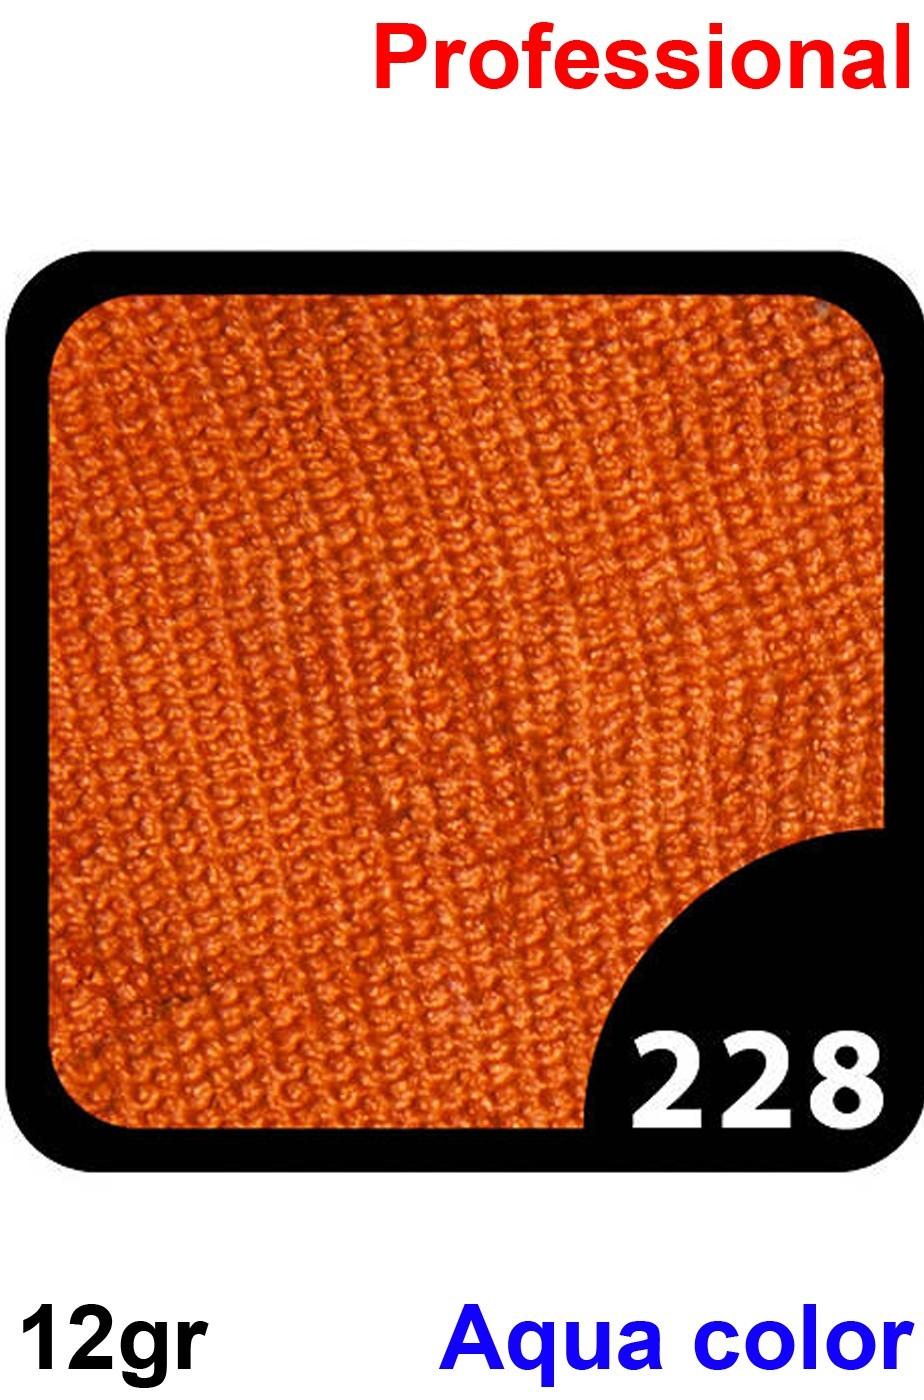 Trucco Professionale Aqua Color Cialda 12gr Marrone Topazio